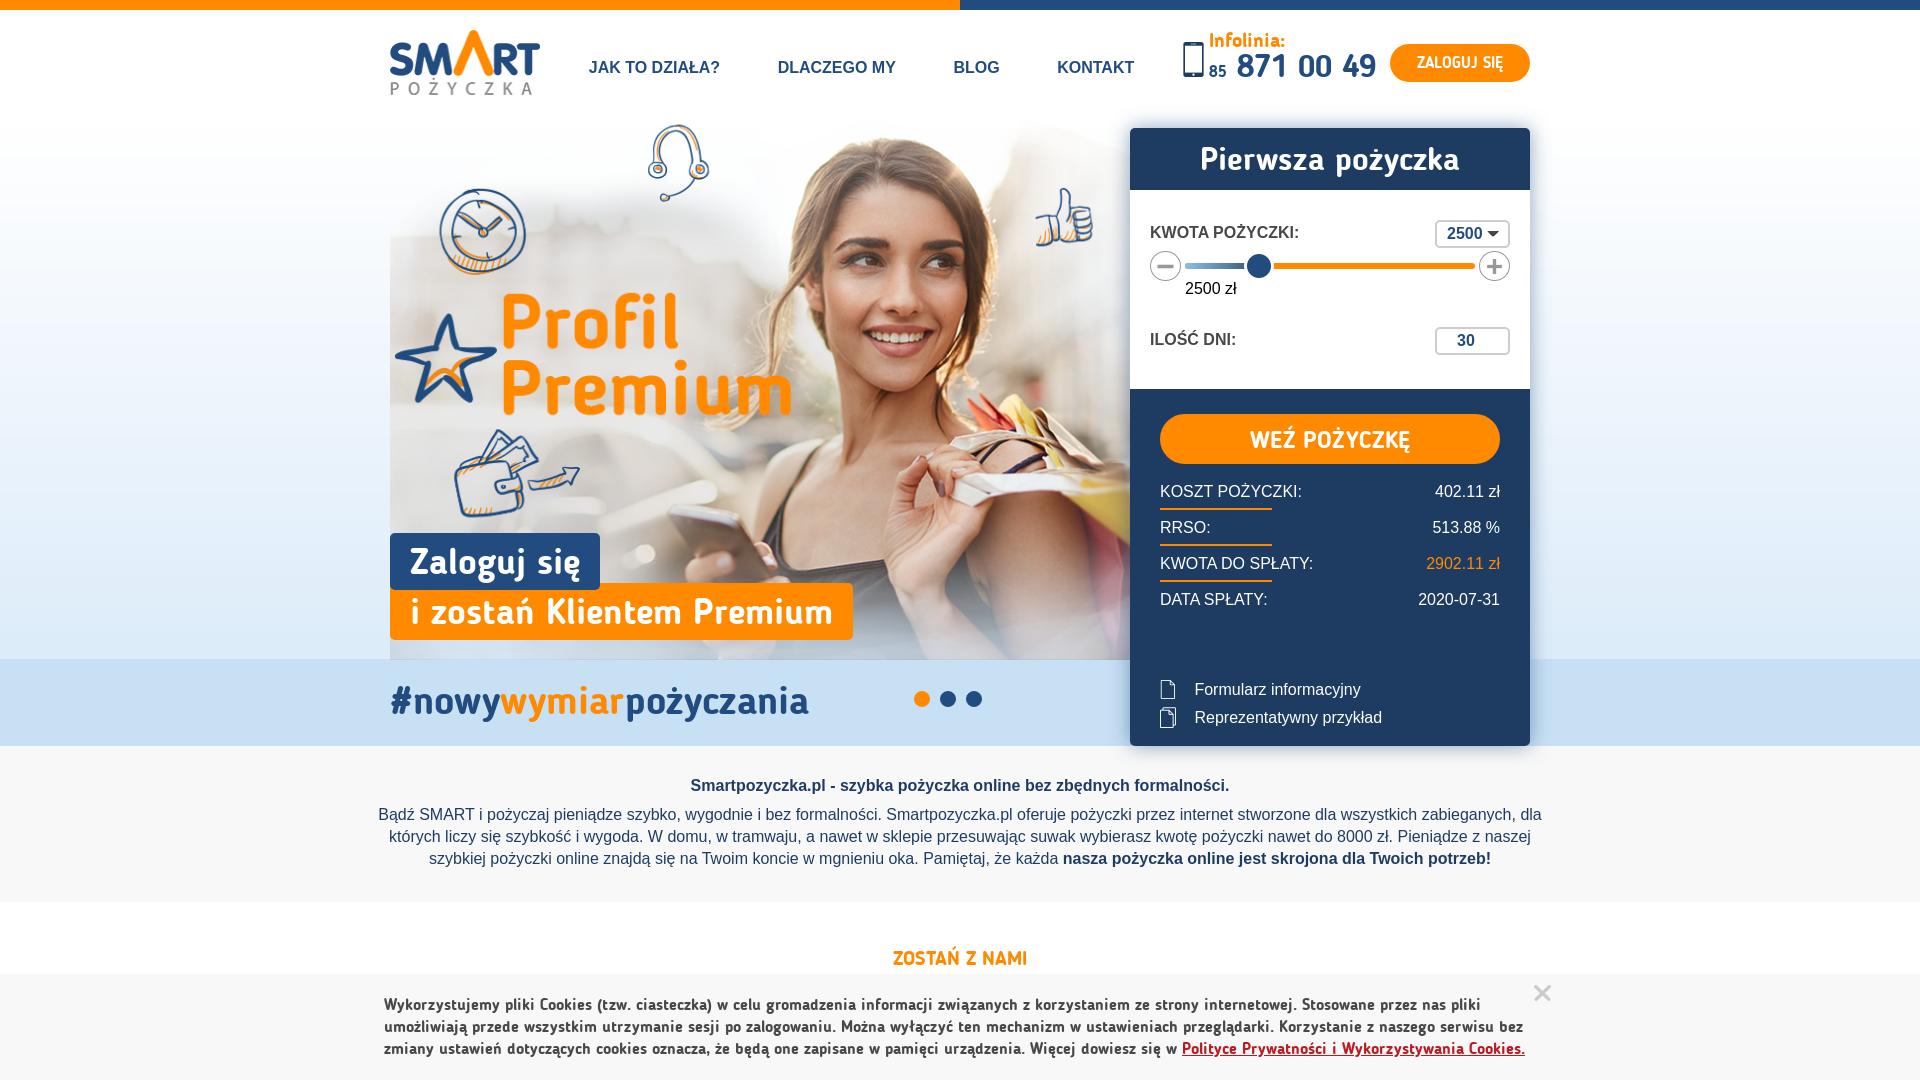 Smartpozyczka [CPS] PL website